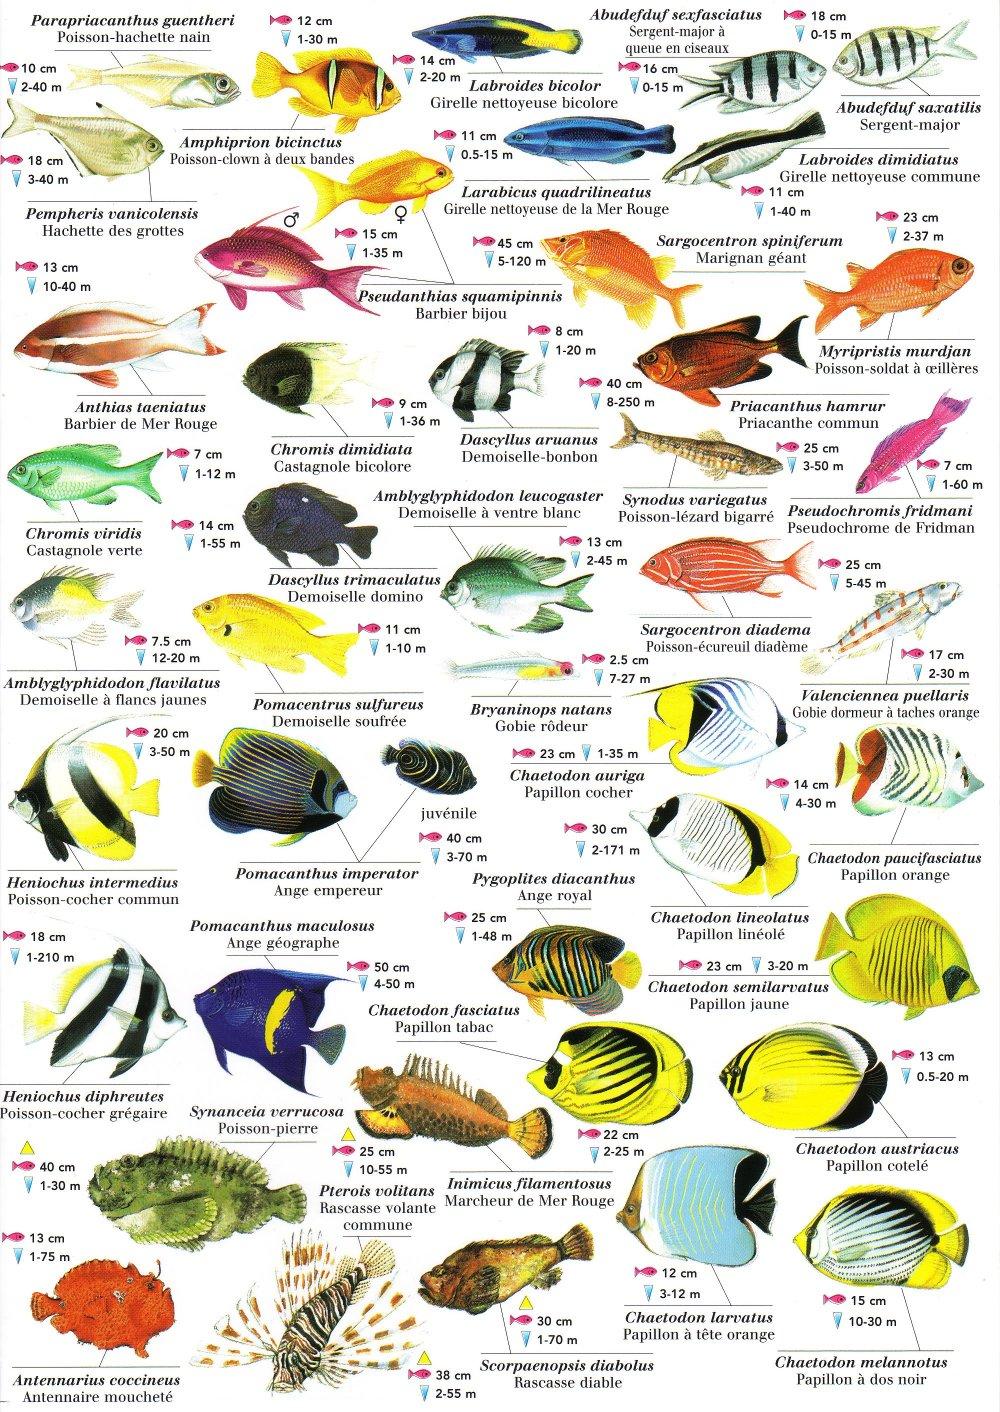 Vente poissons eau douce trouvez le meilleur prix sur for Vente poisson rouge toulouse